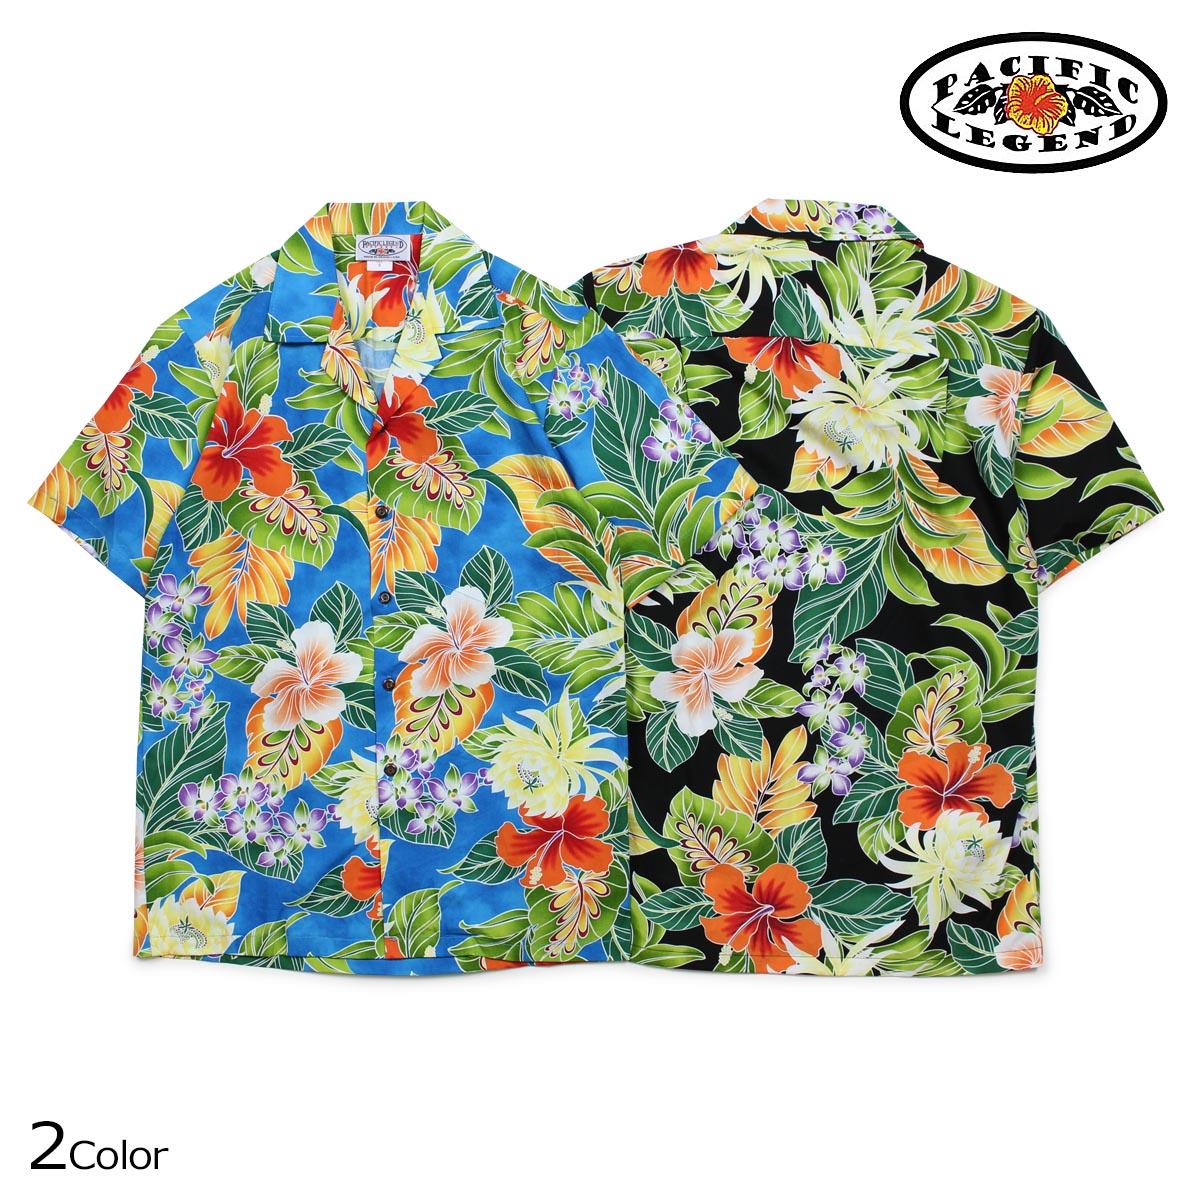 パシフィック レジェンド Pacific legend アロハシャツ メンズ ハワイ製 HAWAIIAN SHIRTS ブラック ブルー 410-3799